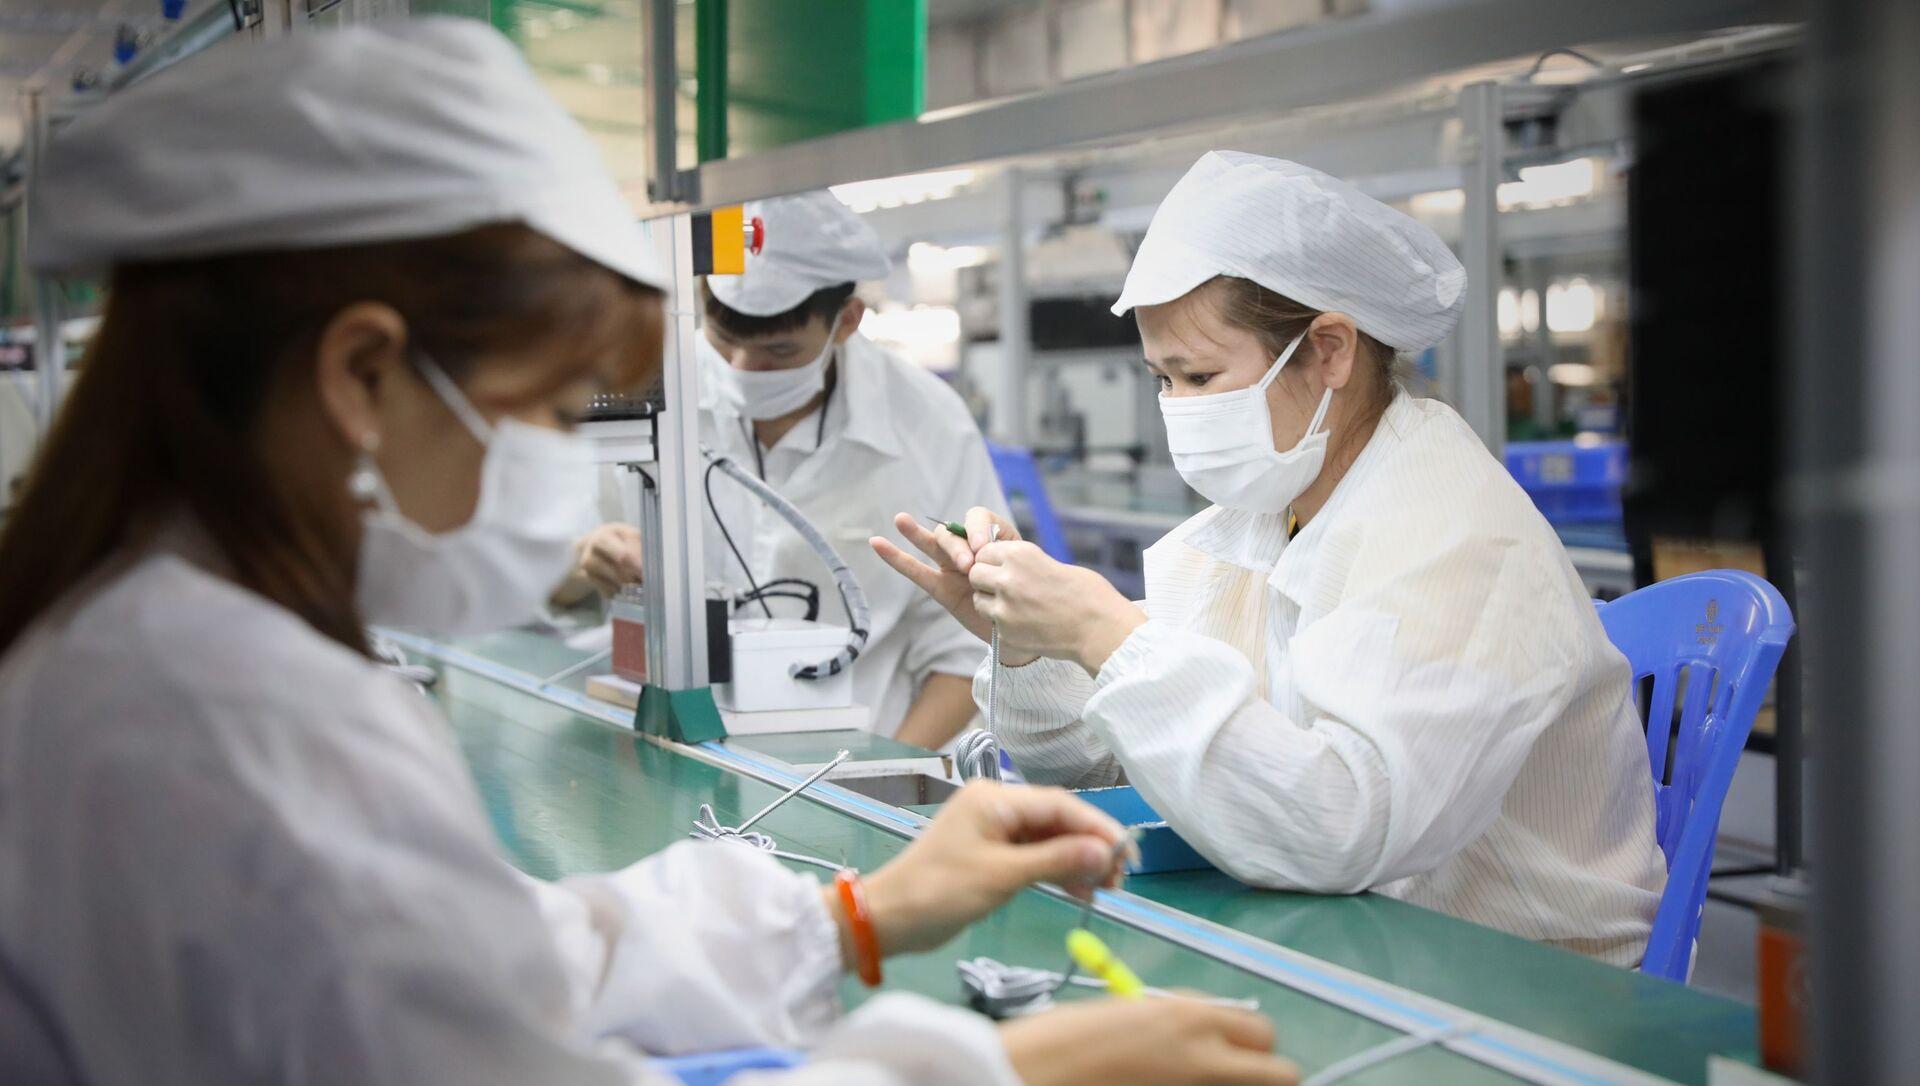 Công nhân đi làm trở lại sau 2 lần test âm tính với Covid-19 - Sputnik Việt Nam, 1920, 03.06.2021